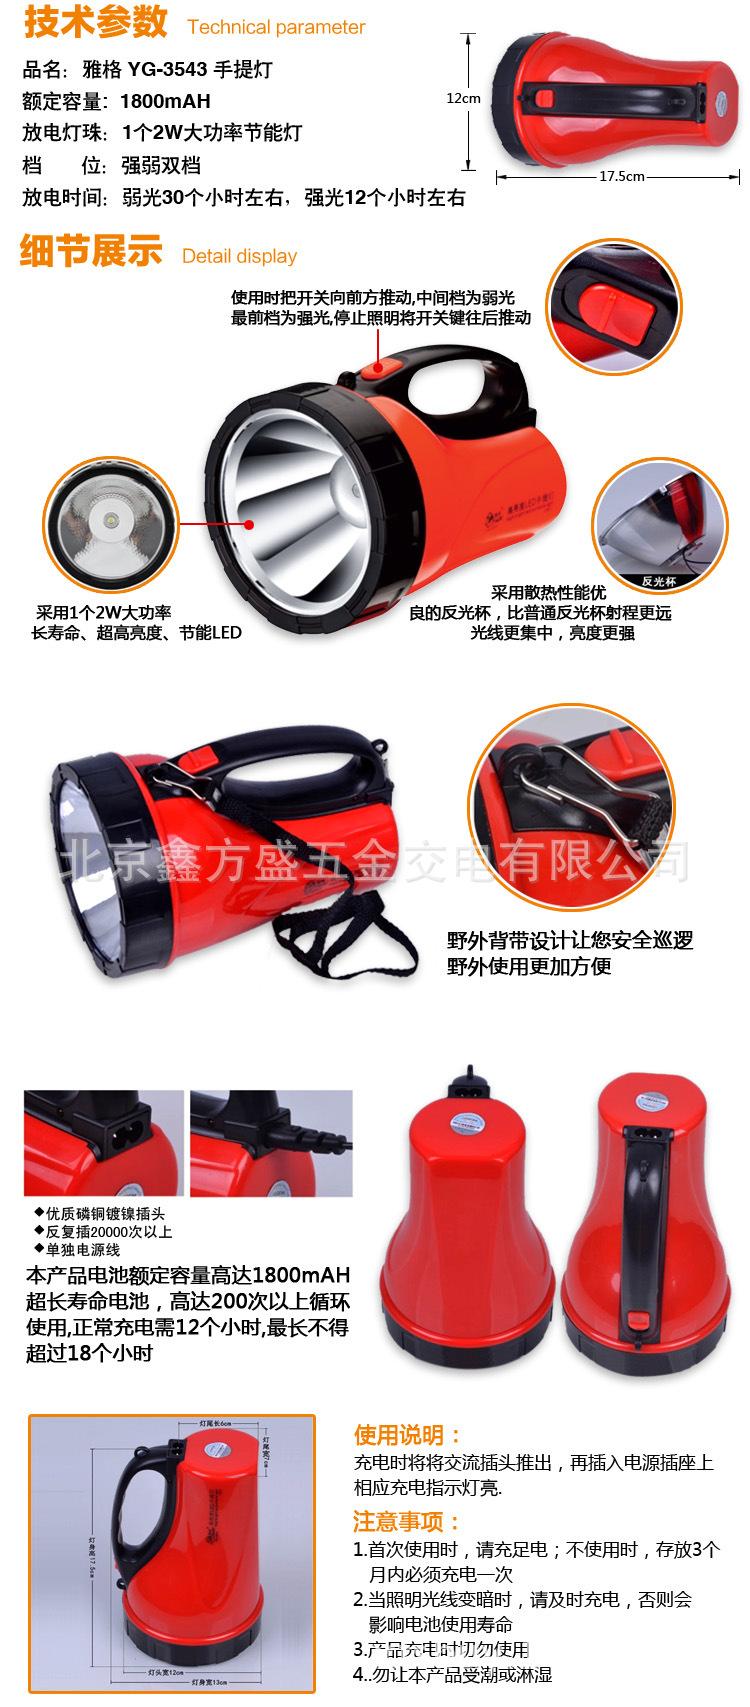 雅格YAGE 大功率远射程LED带背带充电式手提灯/探照灯YG-35